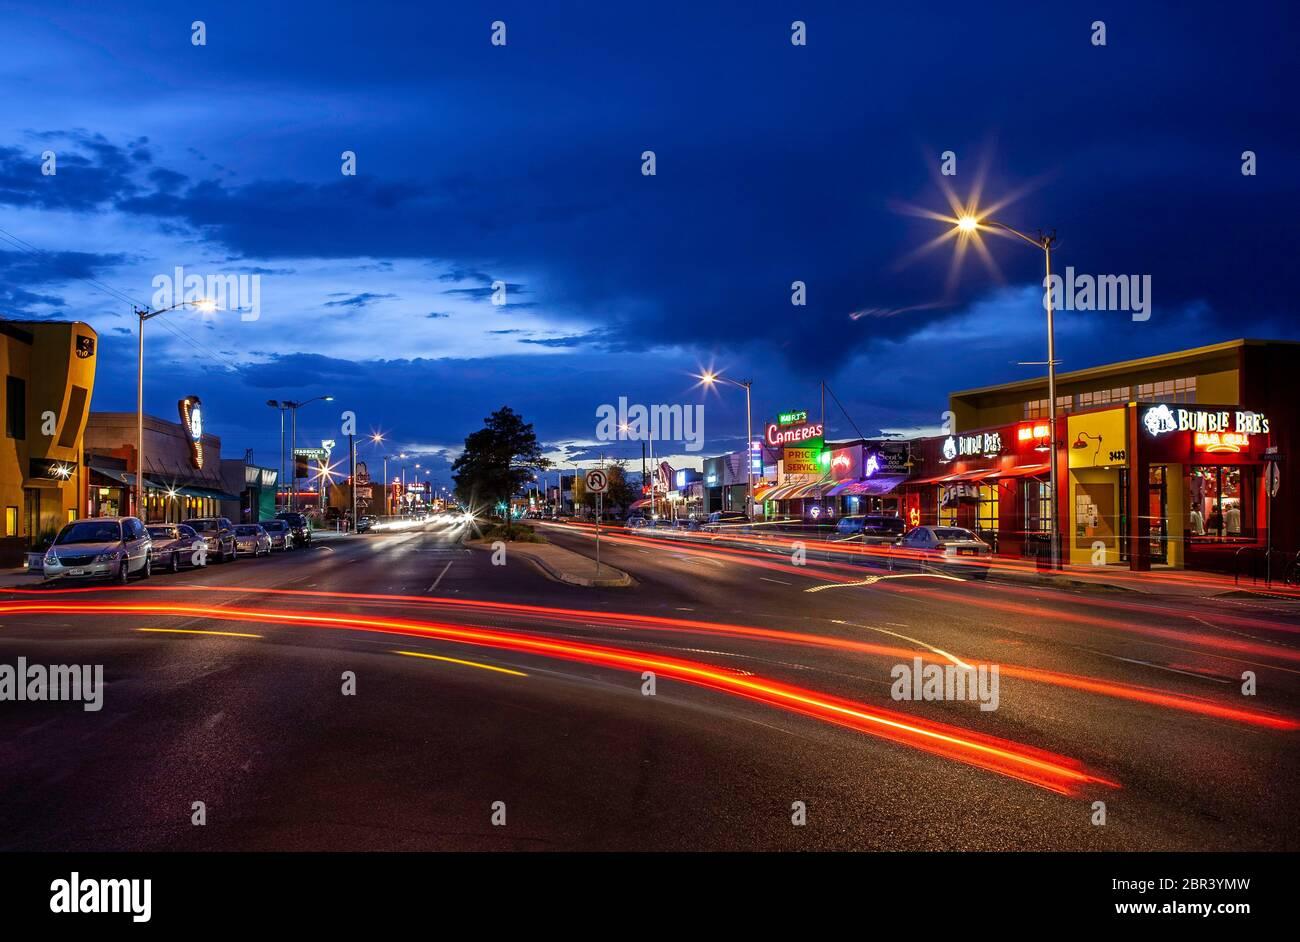 Des feux de voiture et des magasins sont éparpiller sur la route 66, Central Avenue, Nob Hill, Albuquerque, Nouveau-Mexique, États-Unis Banque D'Images